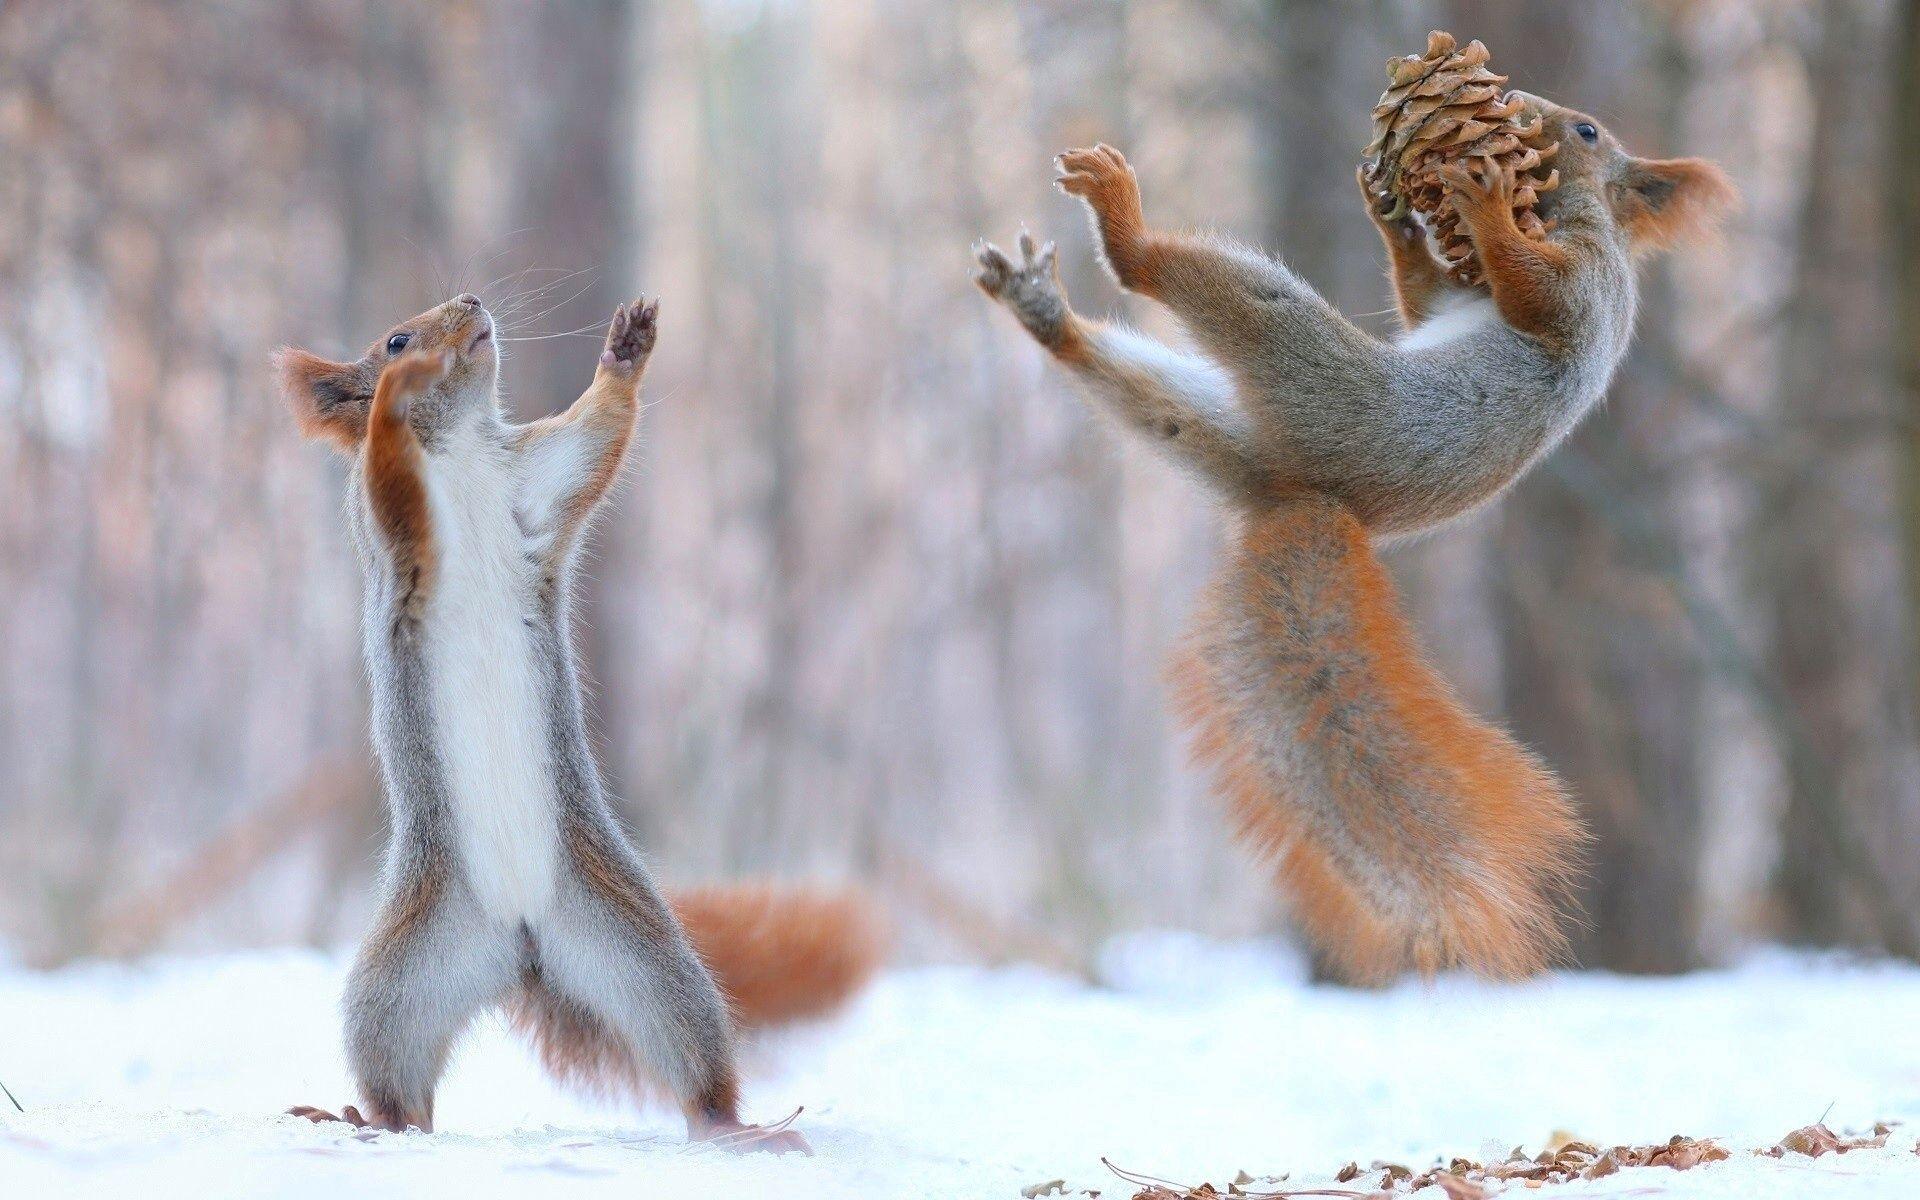 144961 скачать обои Животные, Белки, Шишки, Снег, Прикольные - заставки и картинки бесплатно